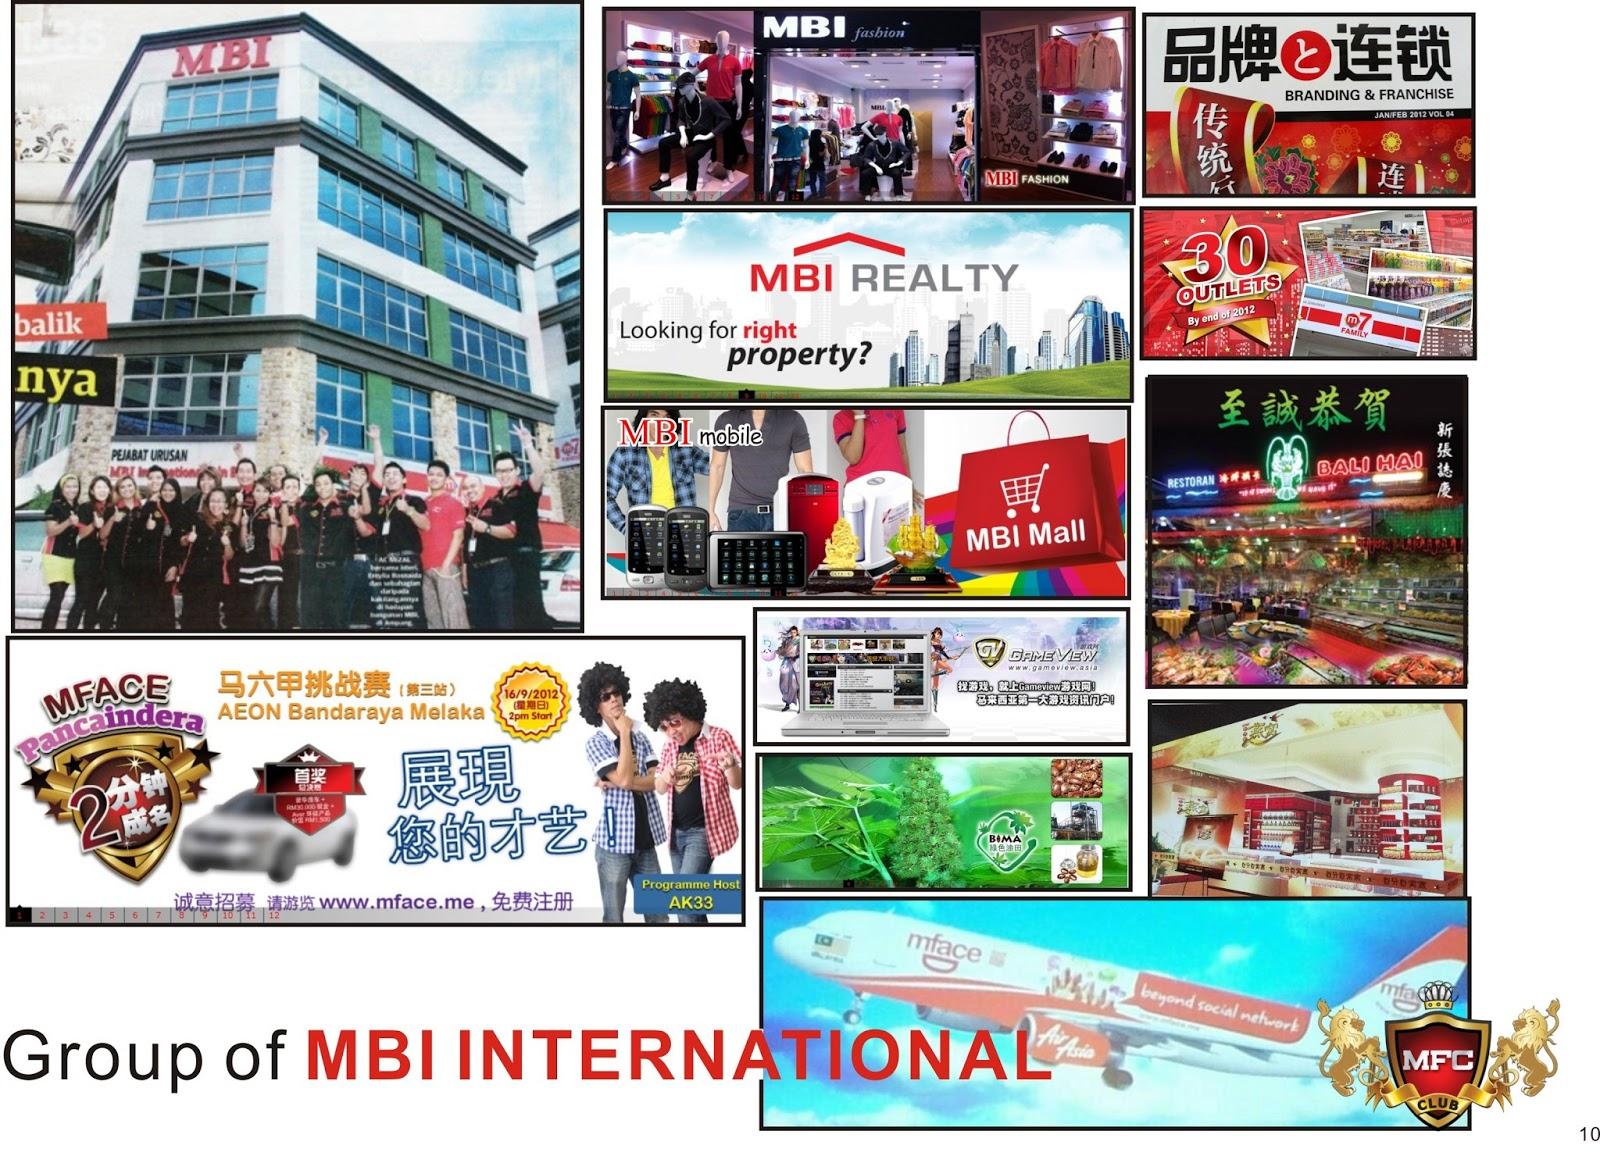 M trading malaysia